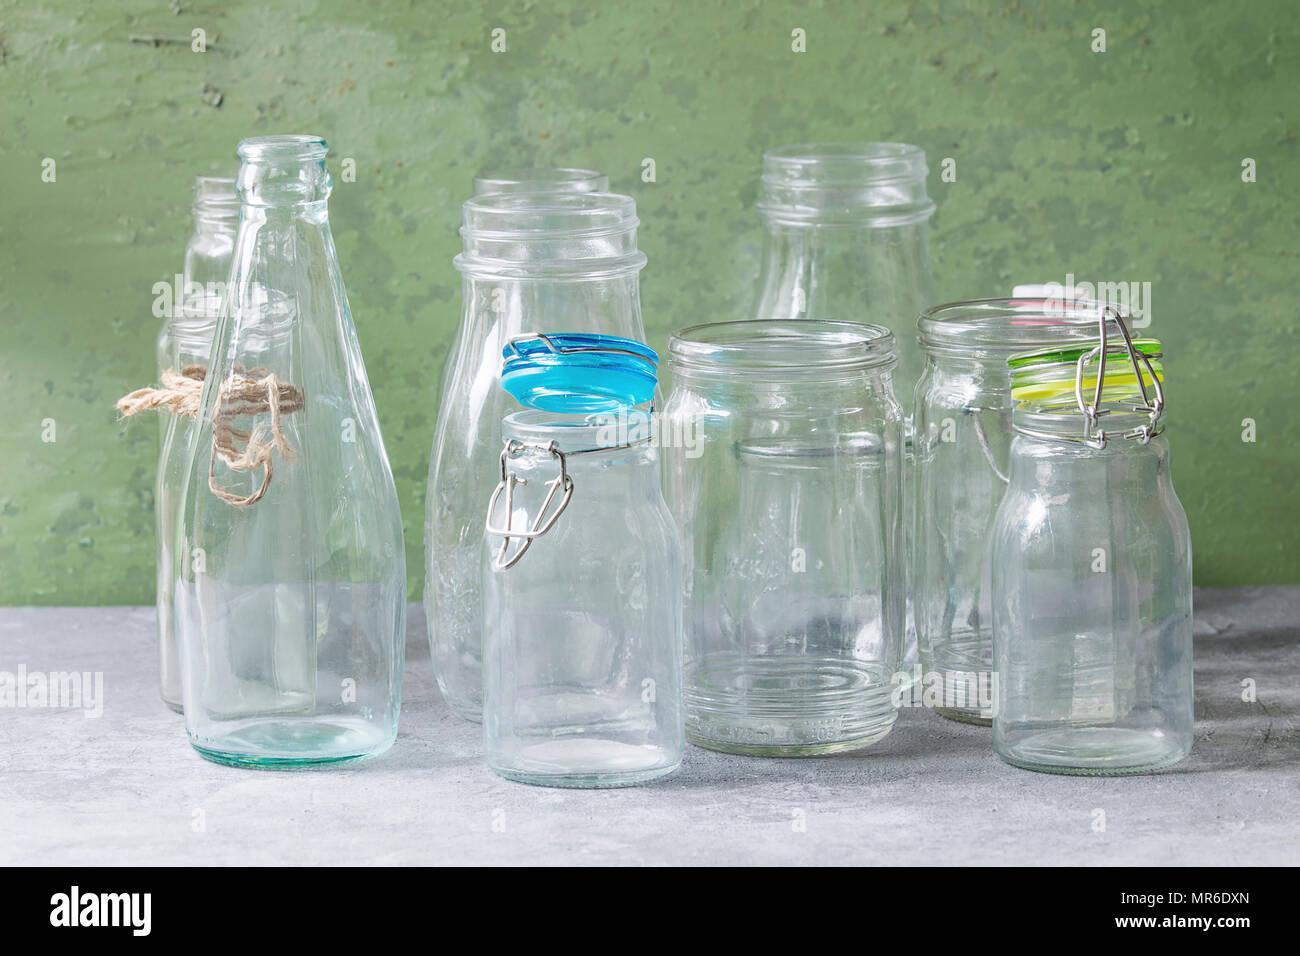 Varietà di diversa forma vuoto aperto le bottiglie di vetro con e senza coperchi permanente sulla tabella grigia con parete verde come sfondo. Immagini Stock